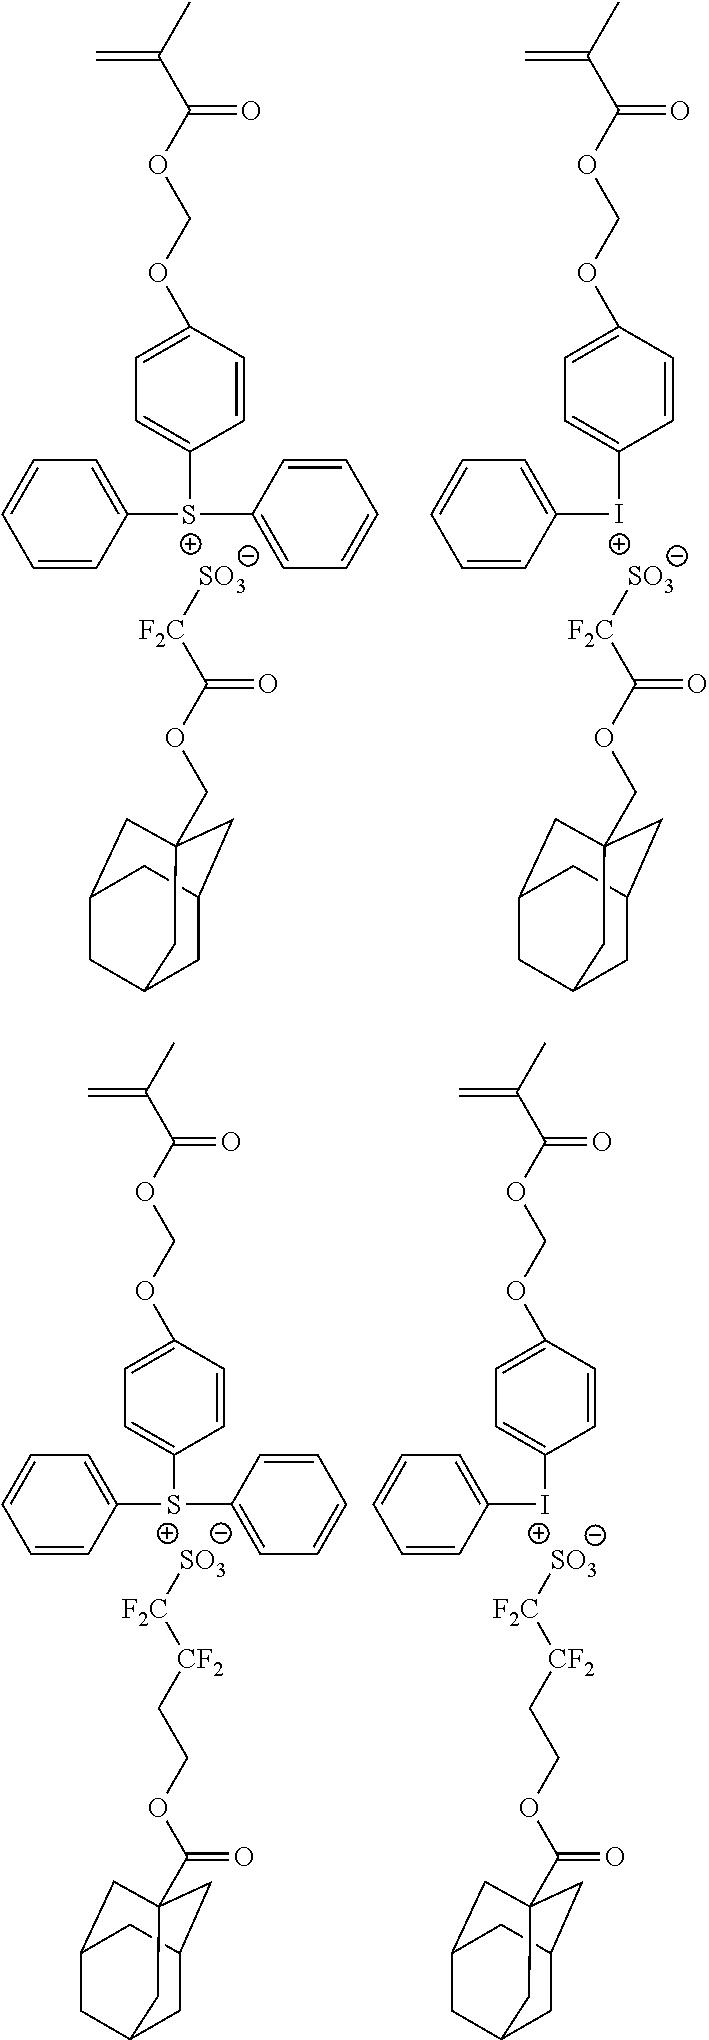 Figure US20110269074A1-20111103-C00016